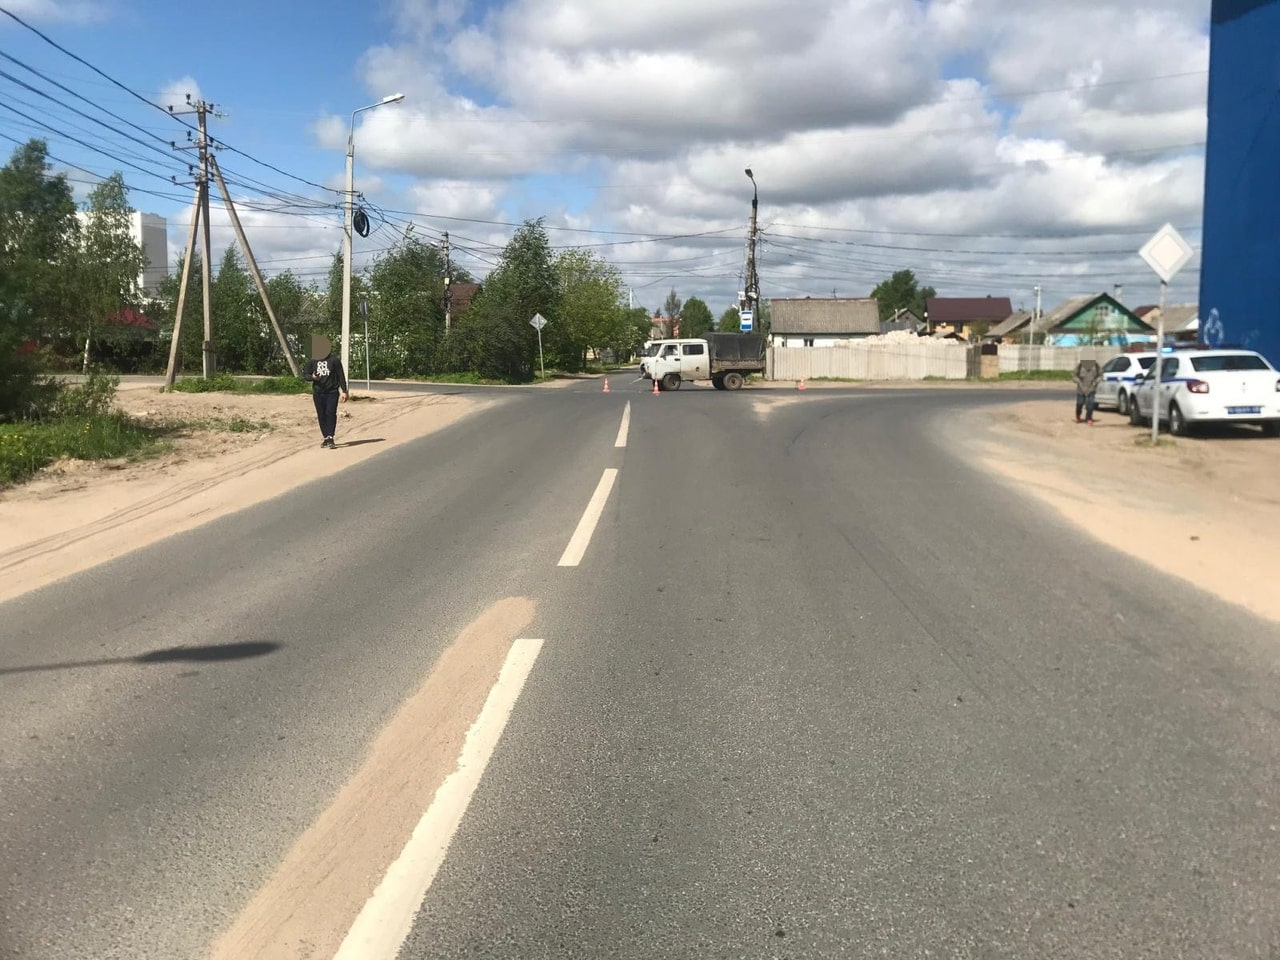 11-летний мальчик получил серьезные травмы в аварии в Твери